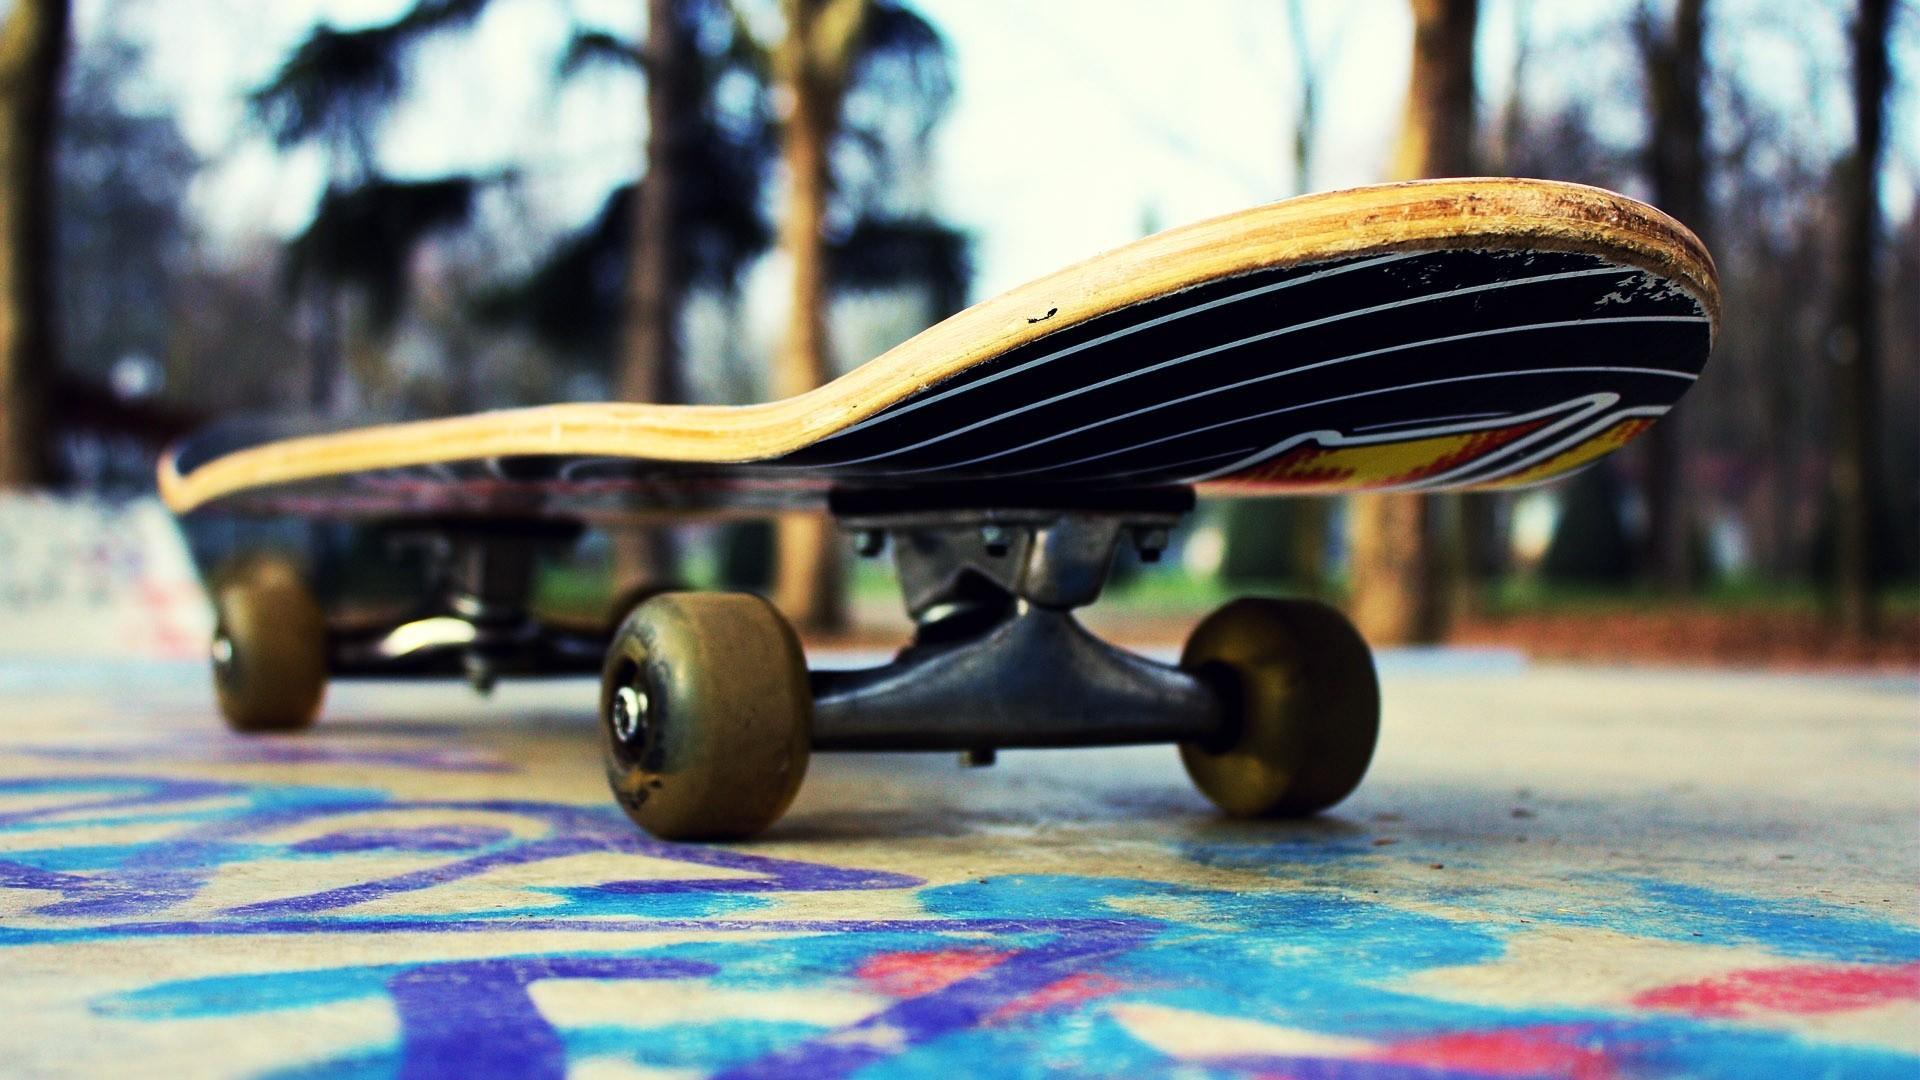 Skateboarding Background wallpaper wallpaper free download 1920×1080 Skateboarding  Wallpaper (45 Wallpapers) |